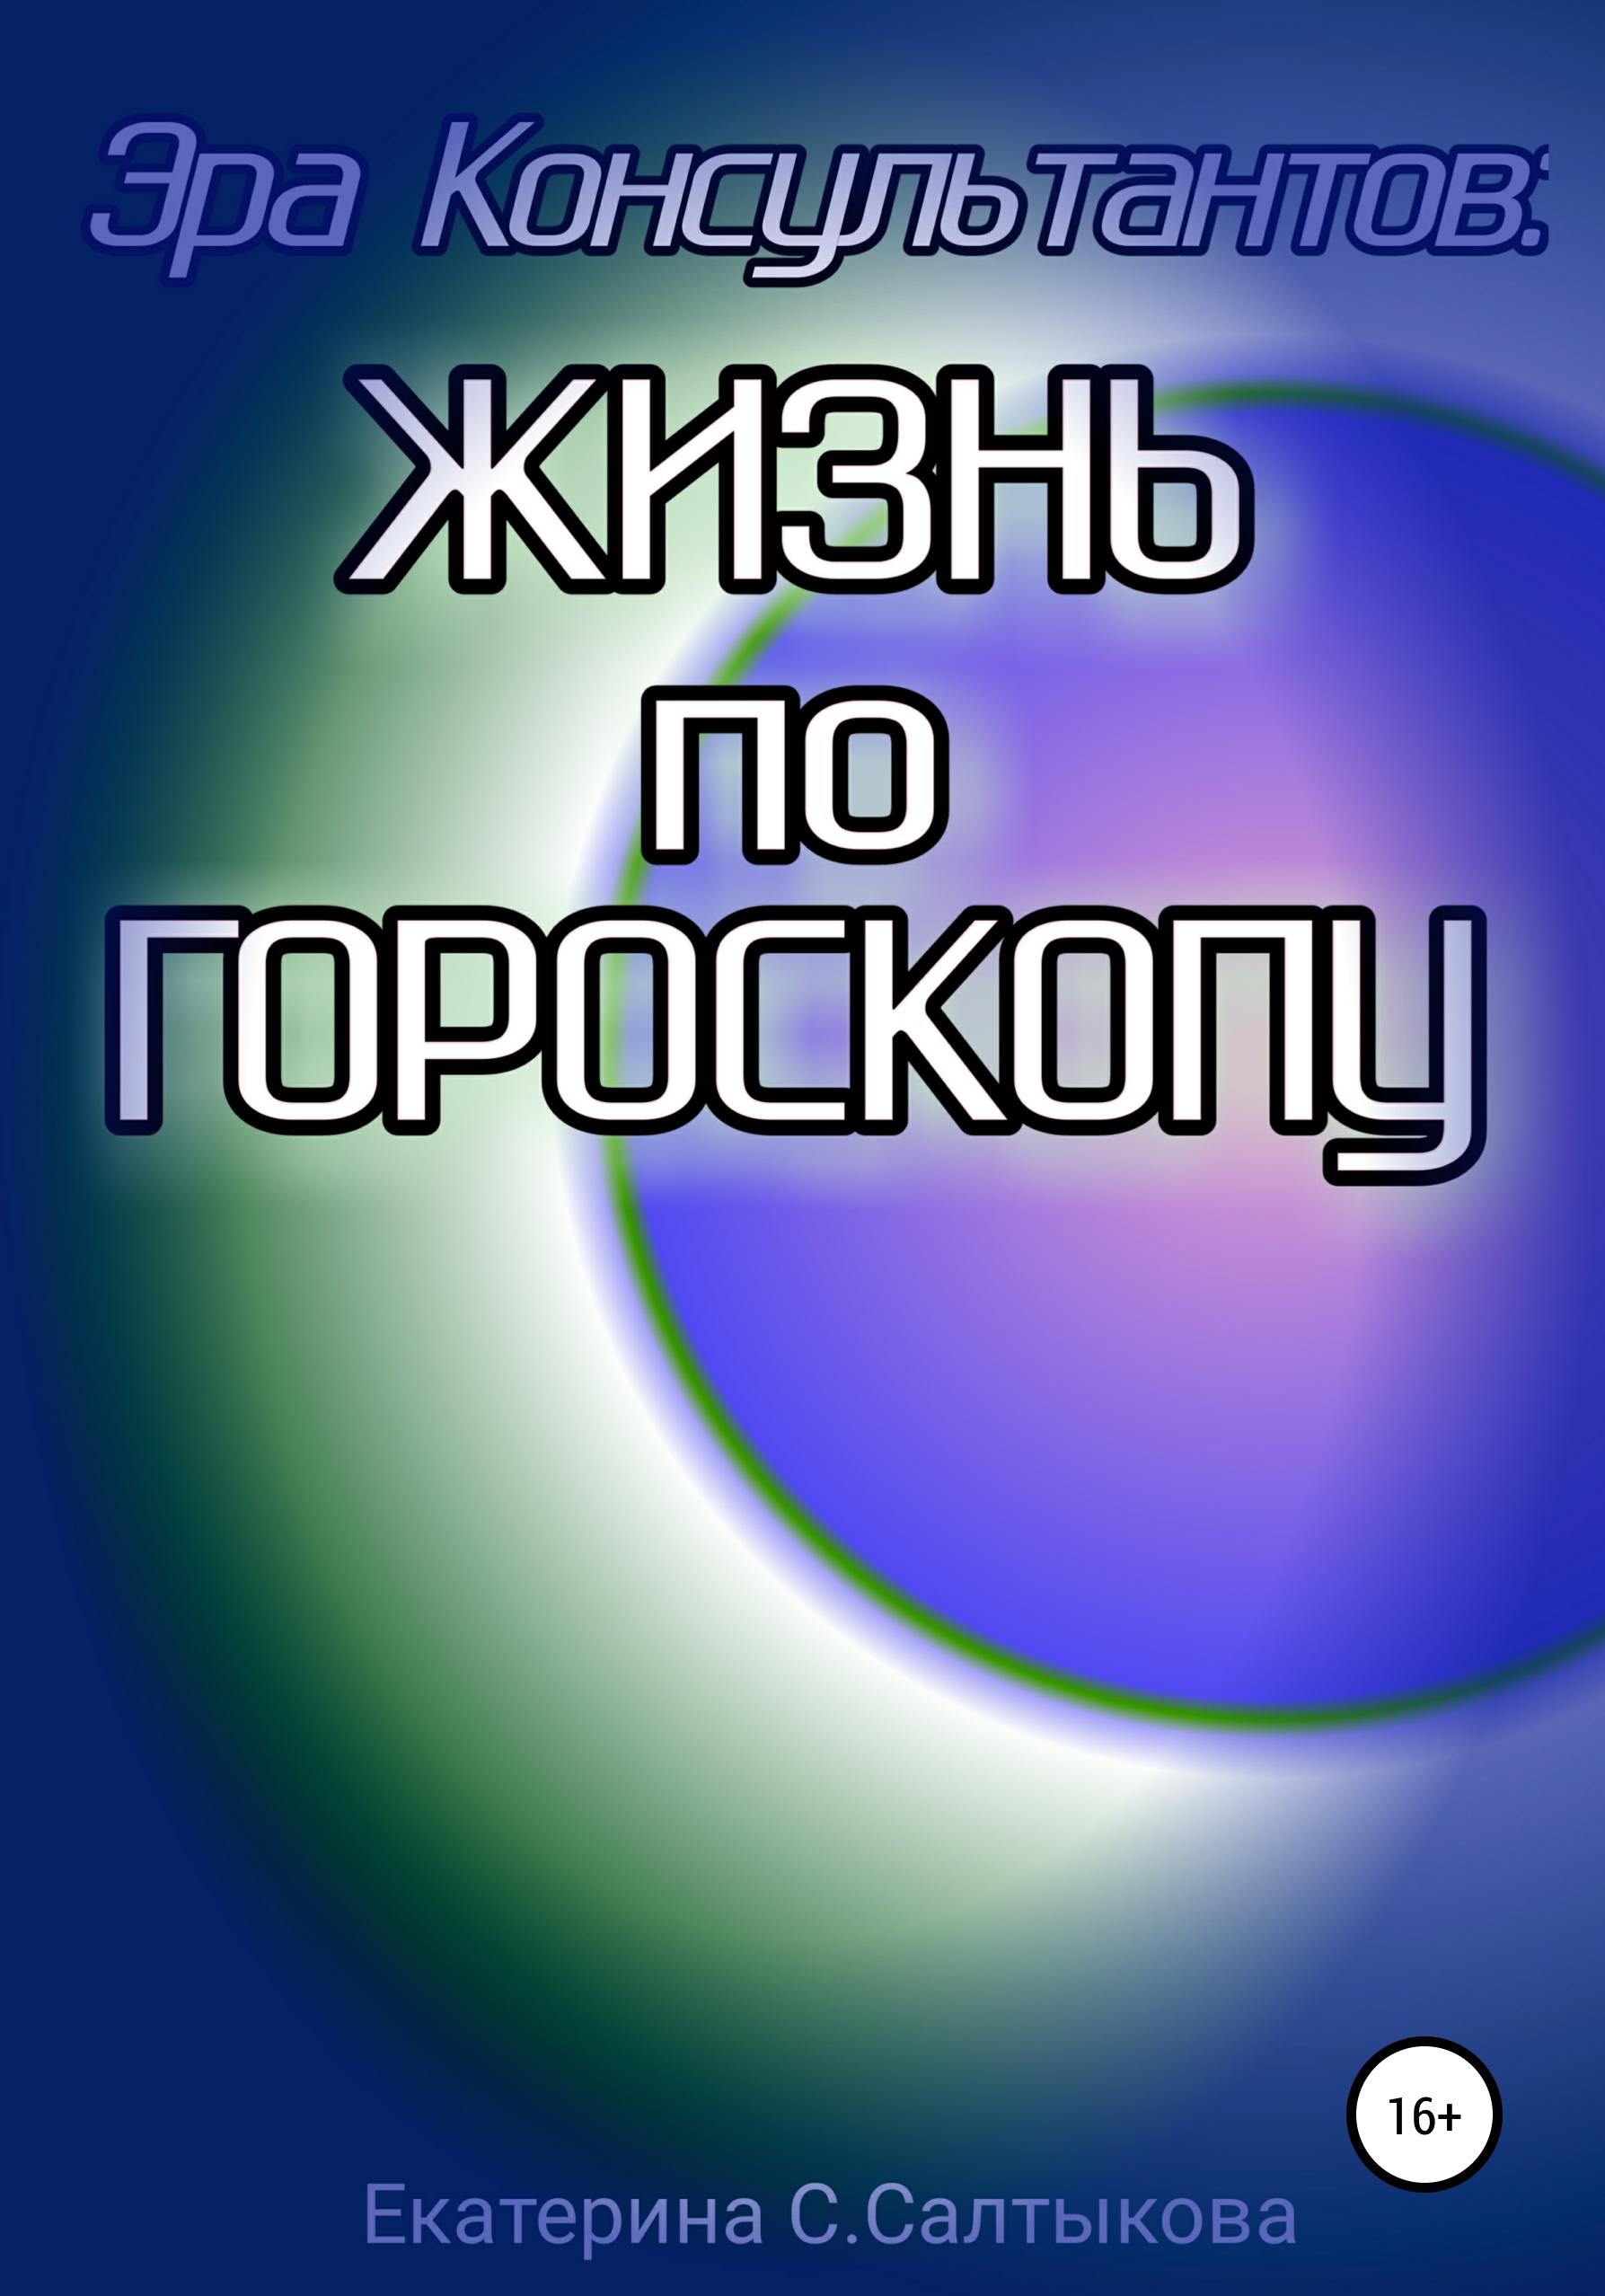 Астрология и астролог в Эру Консультантов